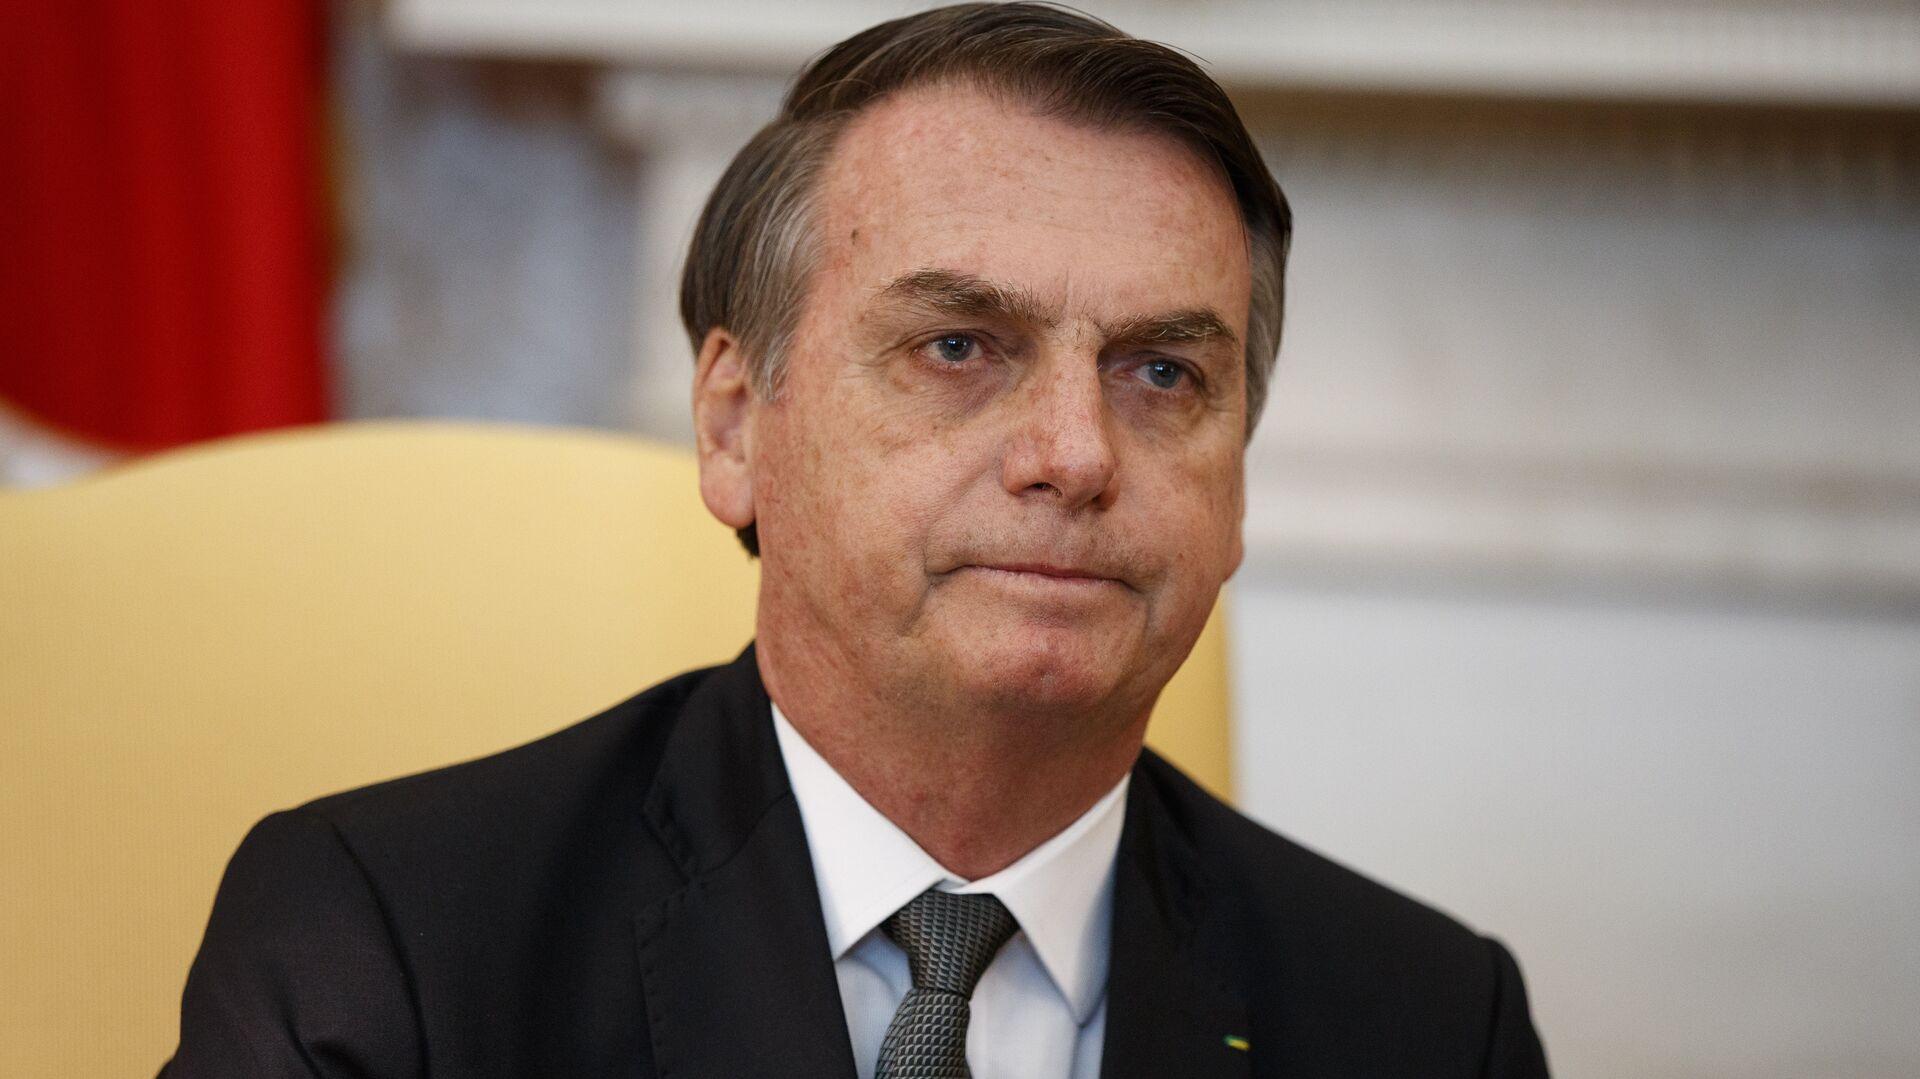 El presidente de Brasil, Jair Bolsonaro, en la oficina oval de la Casa Blanca en Washington - Sputnik Mundo, 1920, 10.06.2021